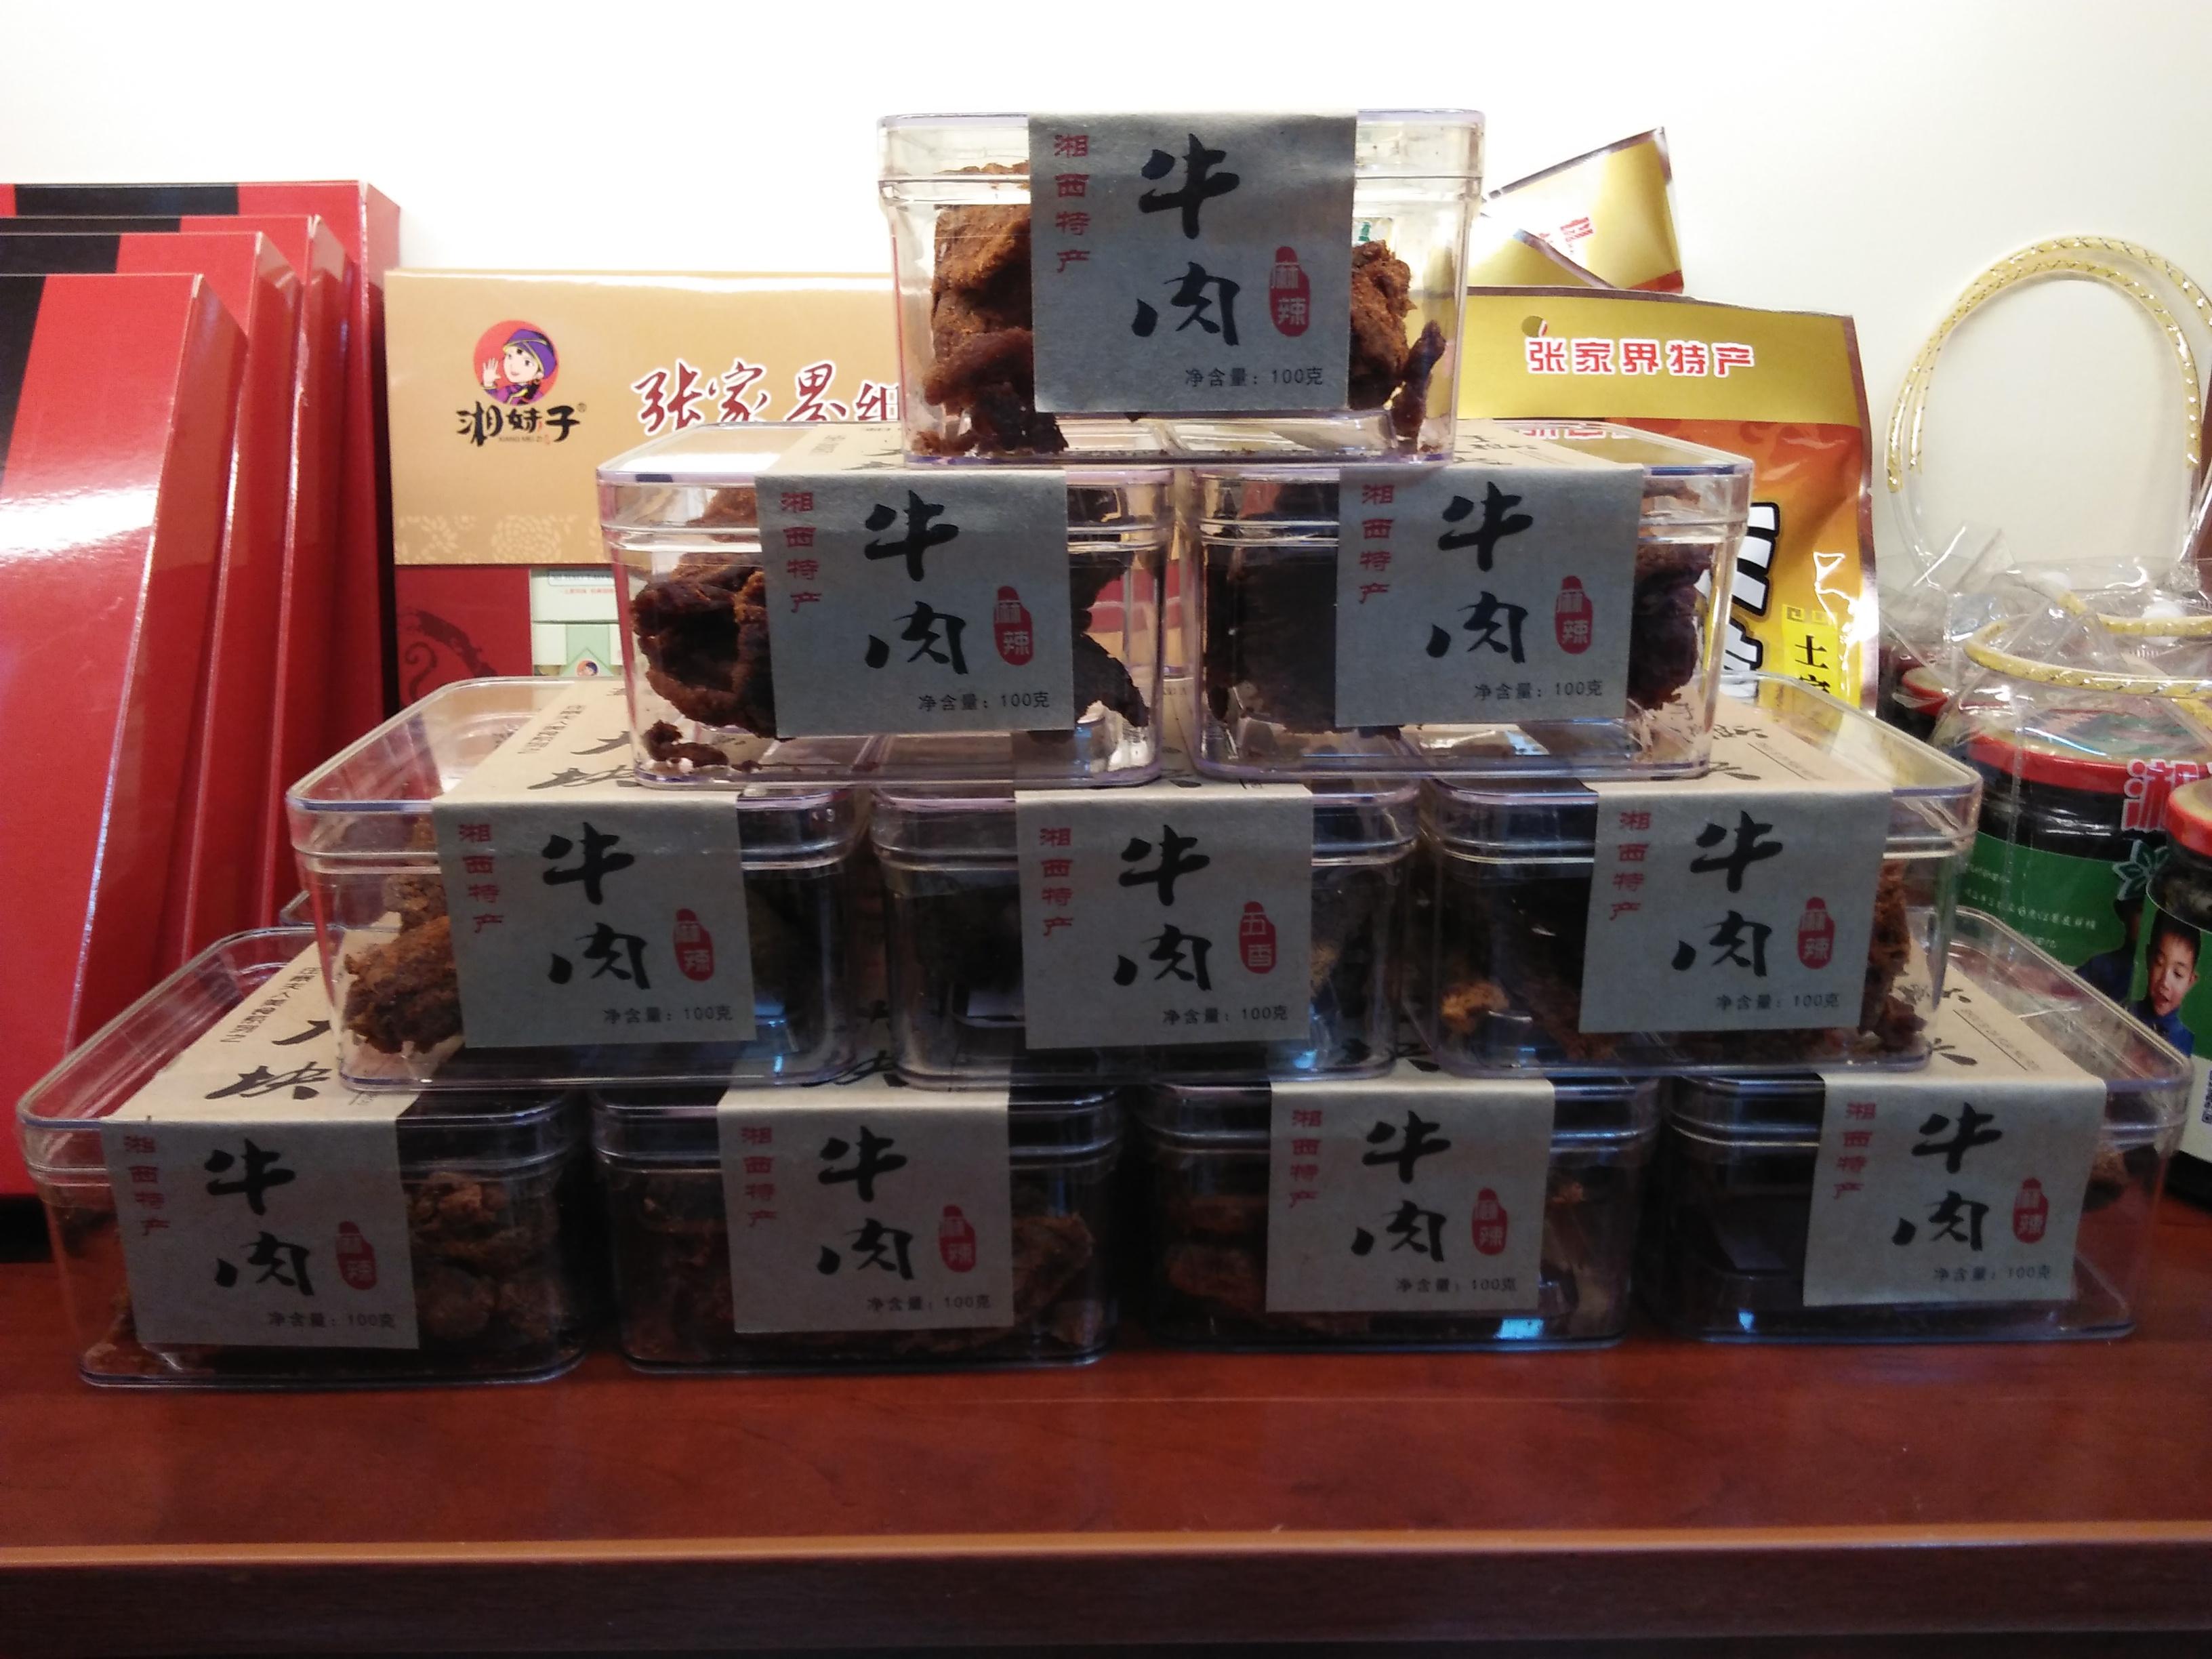 湖南湘西特产手撕大块牛肉休闲零食小吃麻辣/五香